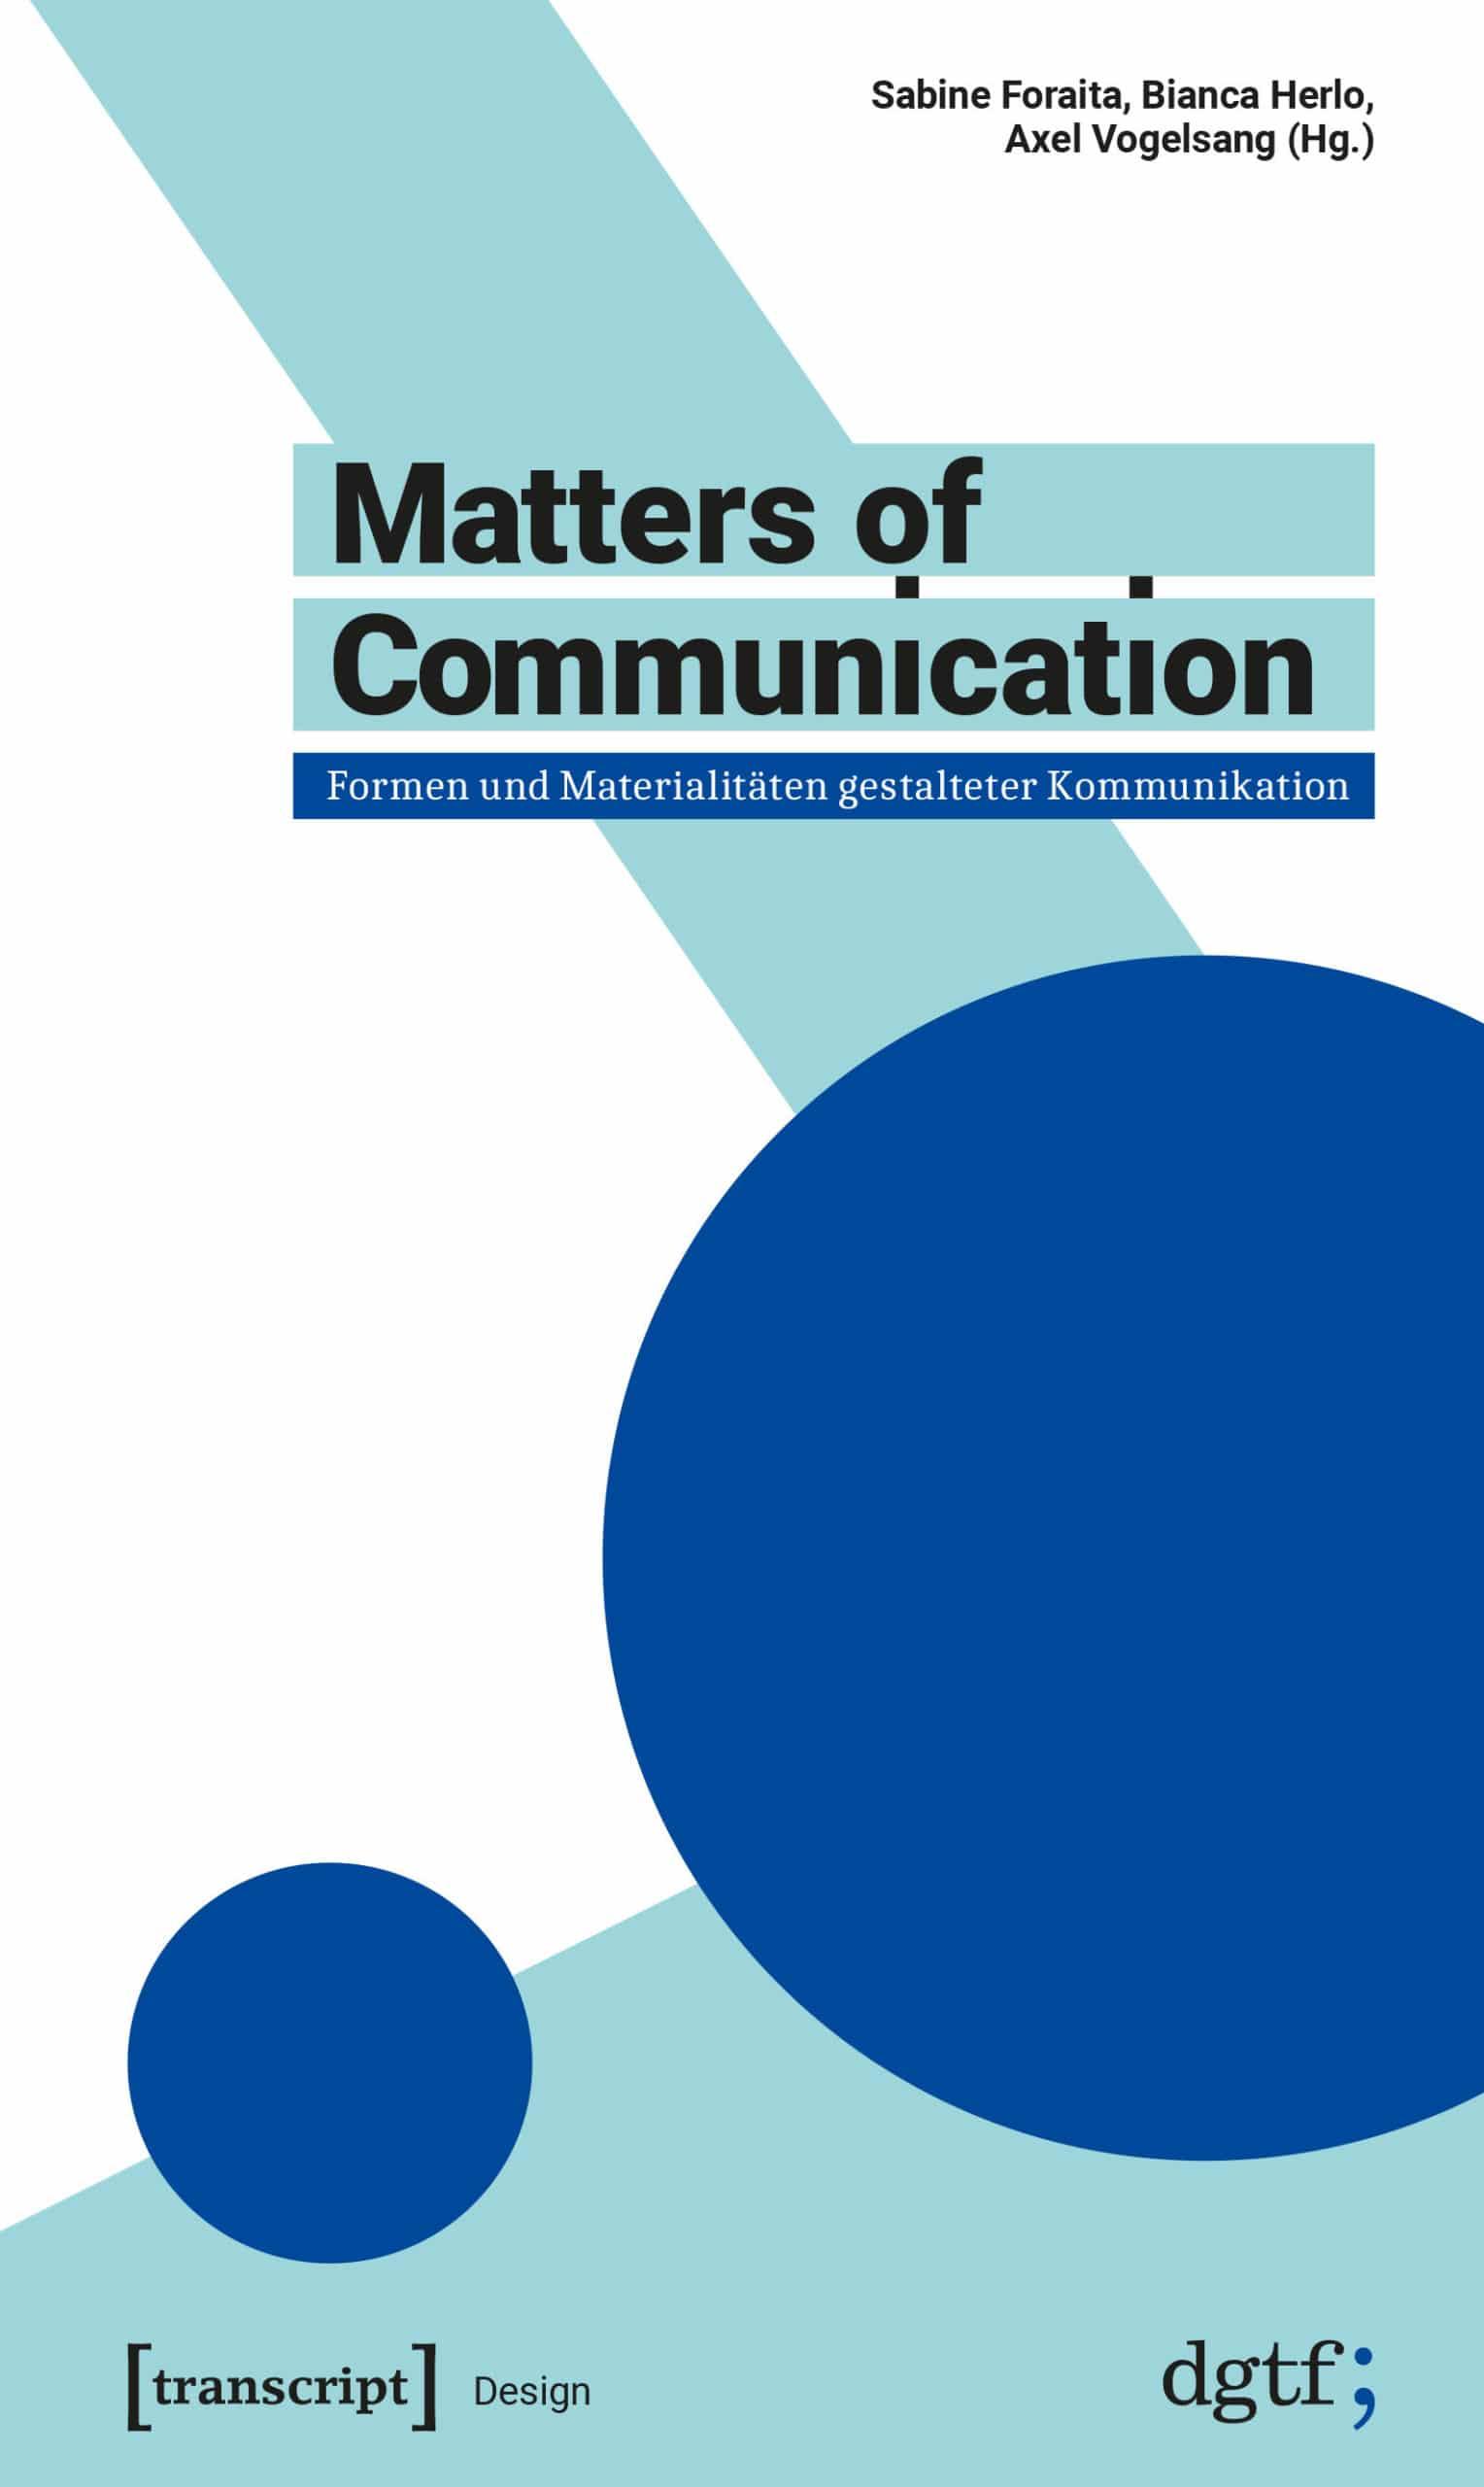 matters of communication